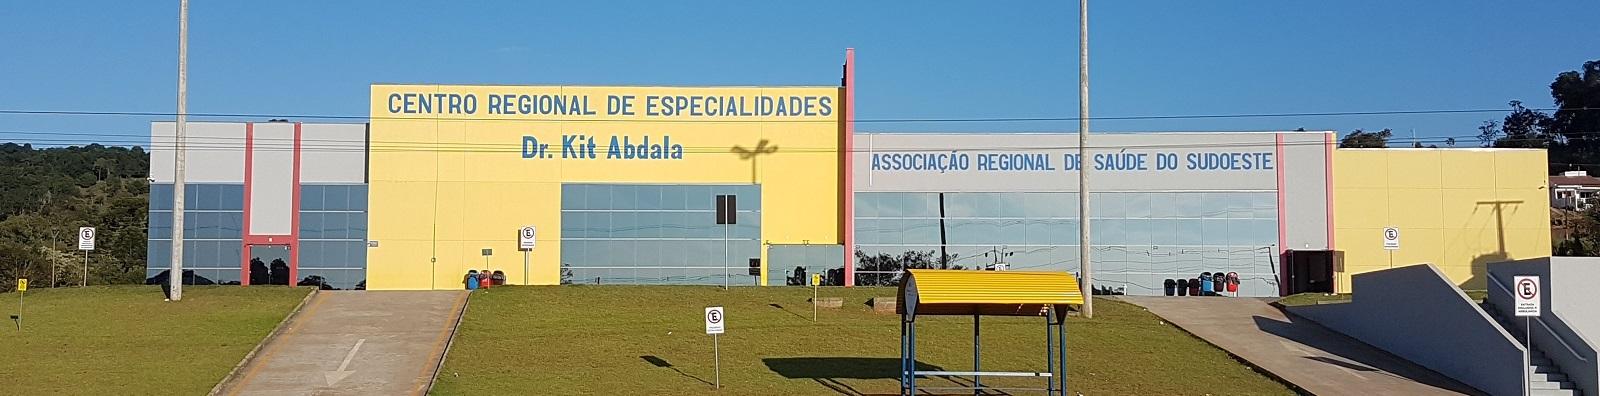 Divulgação/ARSS/PR